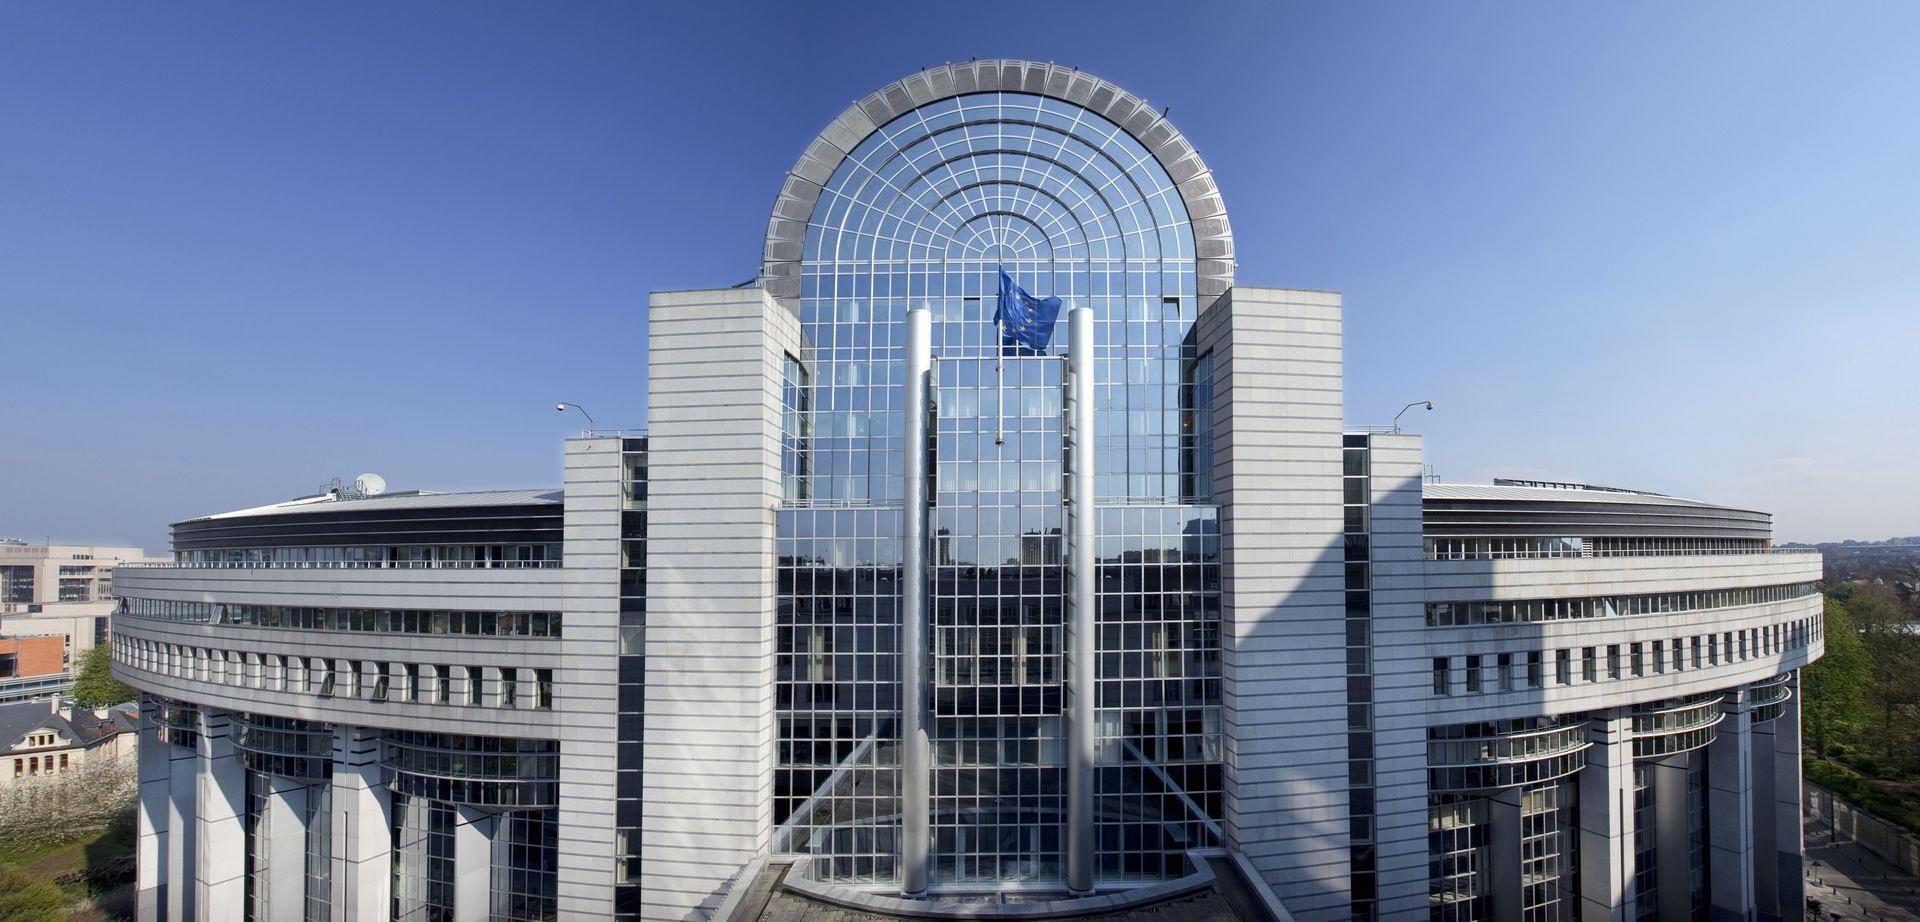 Le cose da vedere a bruxelles tre giorni nella capitale d for Sede del parlamento